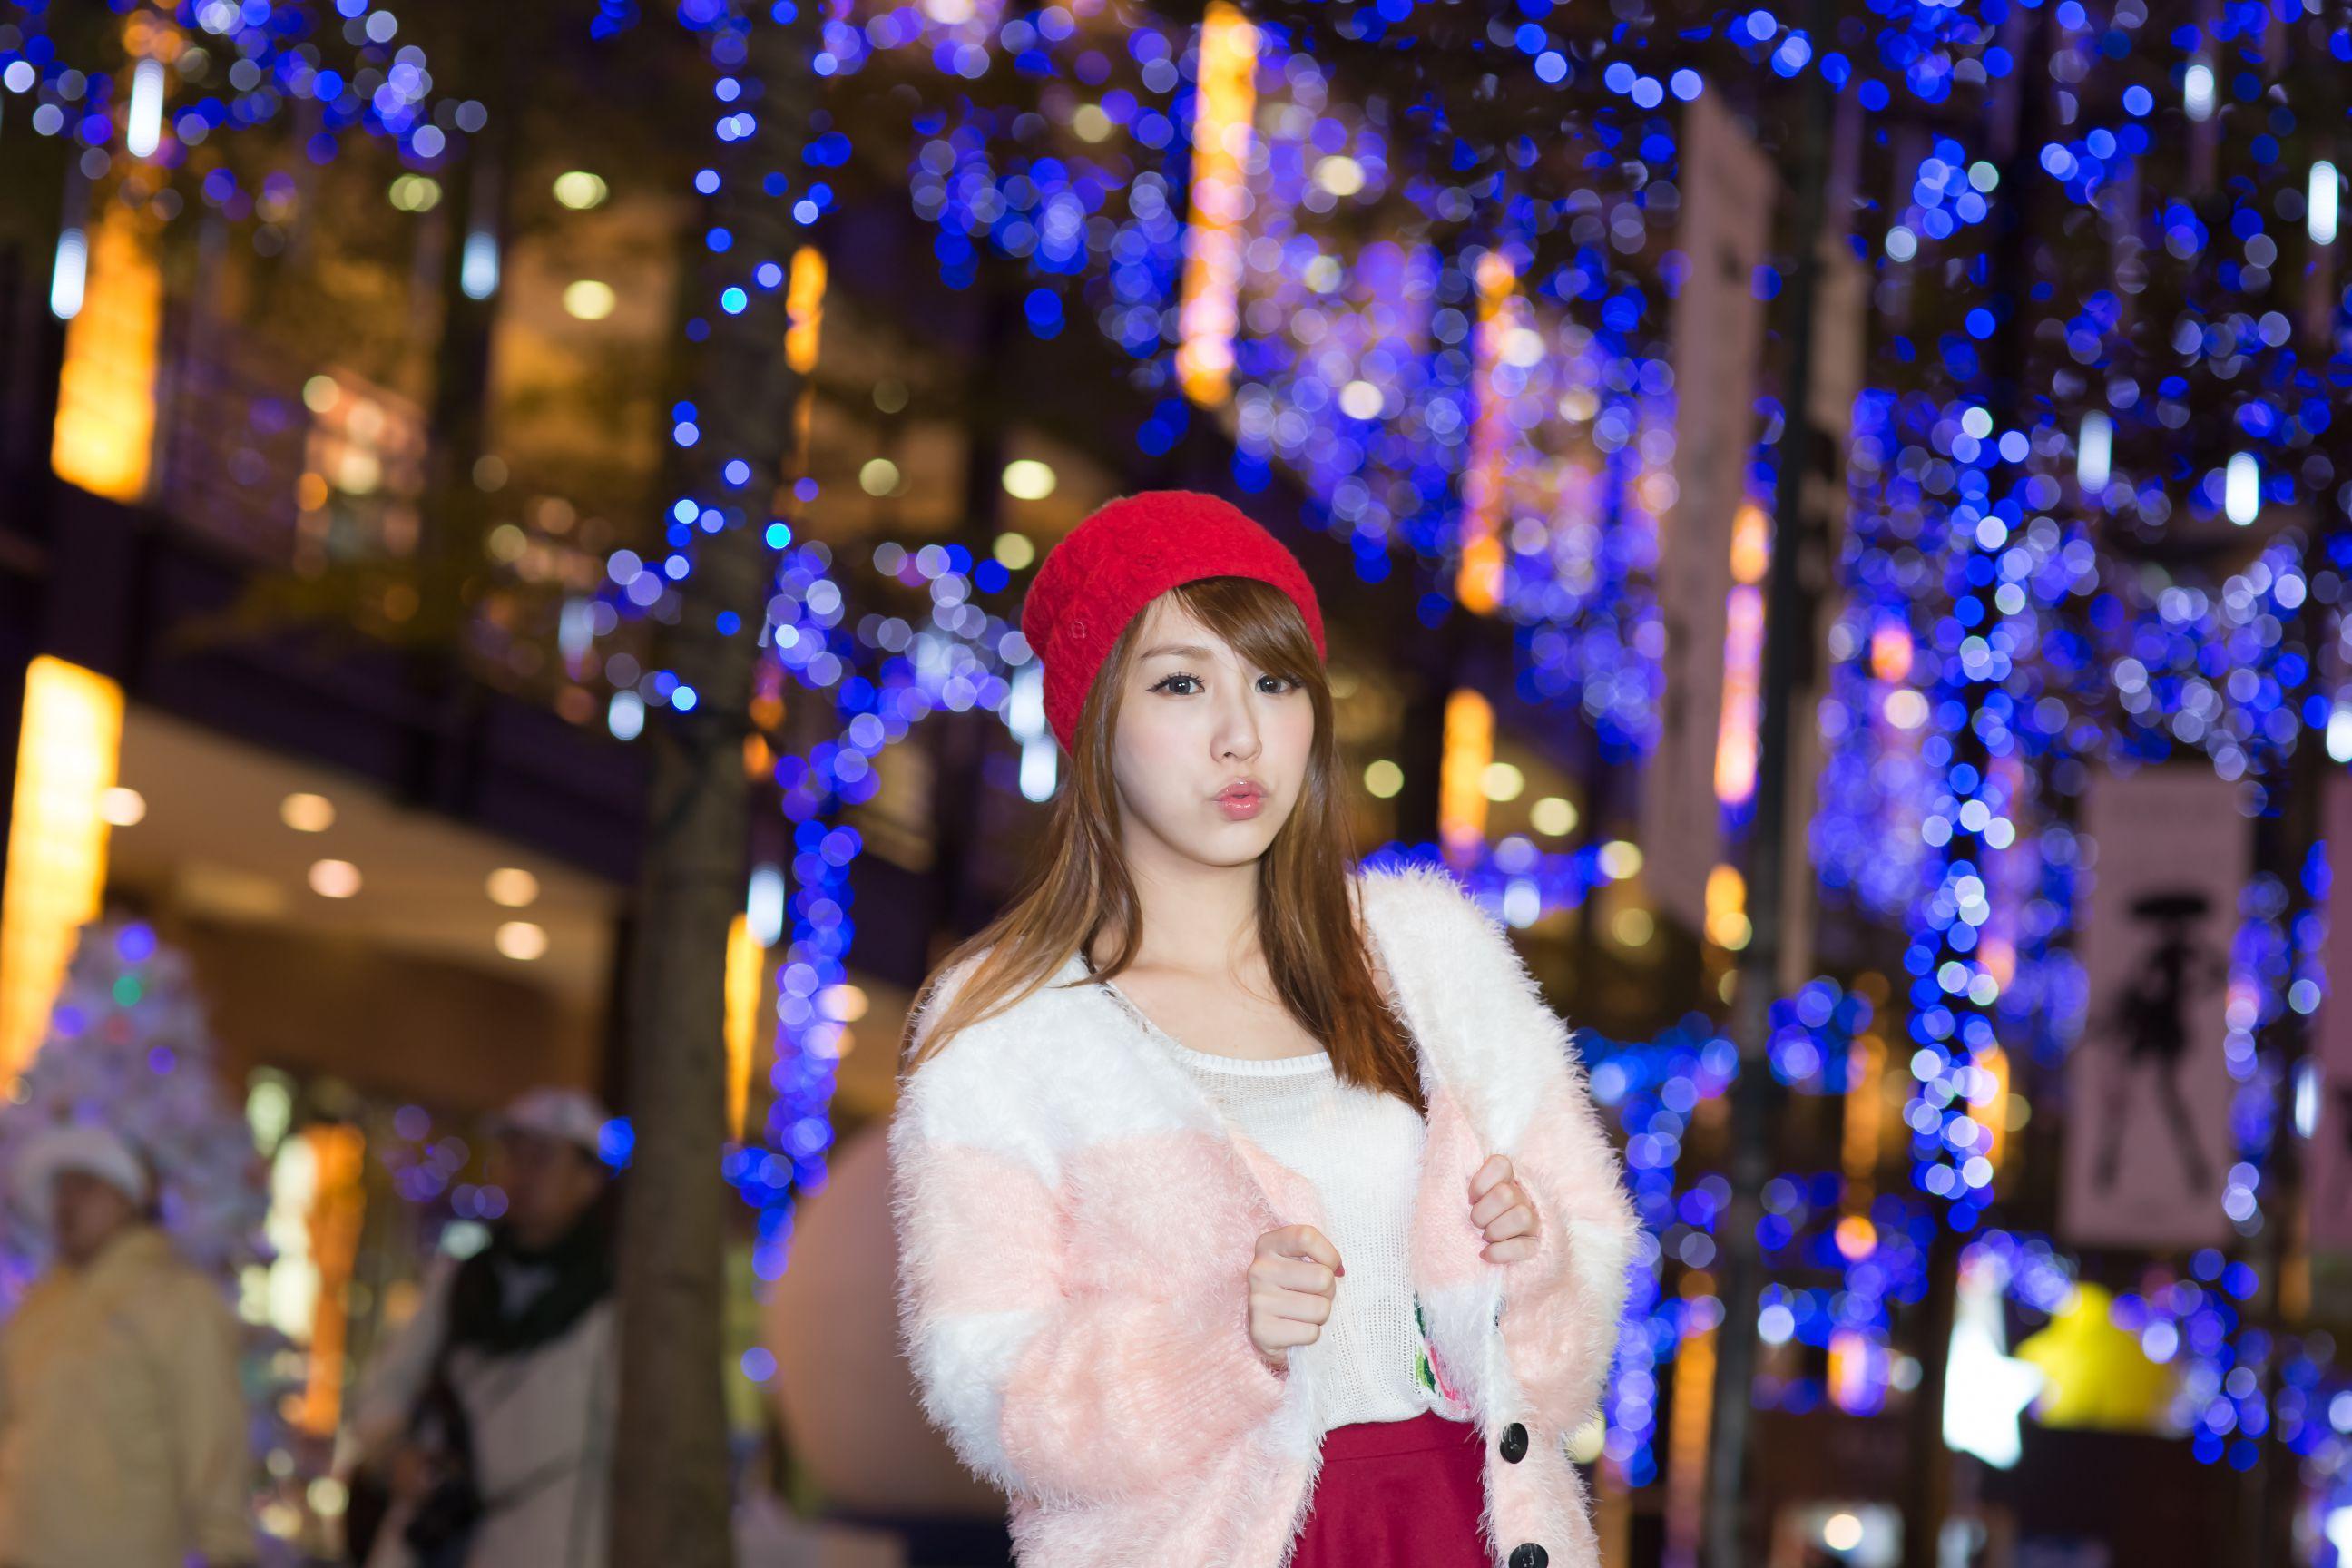 VOL.251 [台湾正妹]街拍正妹:吕思莹(Kimi步,吕小步)高品质写真套图(16P)